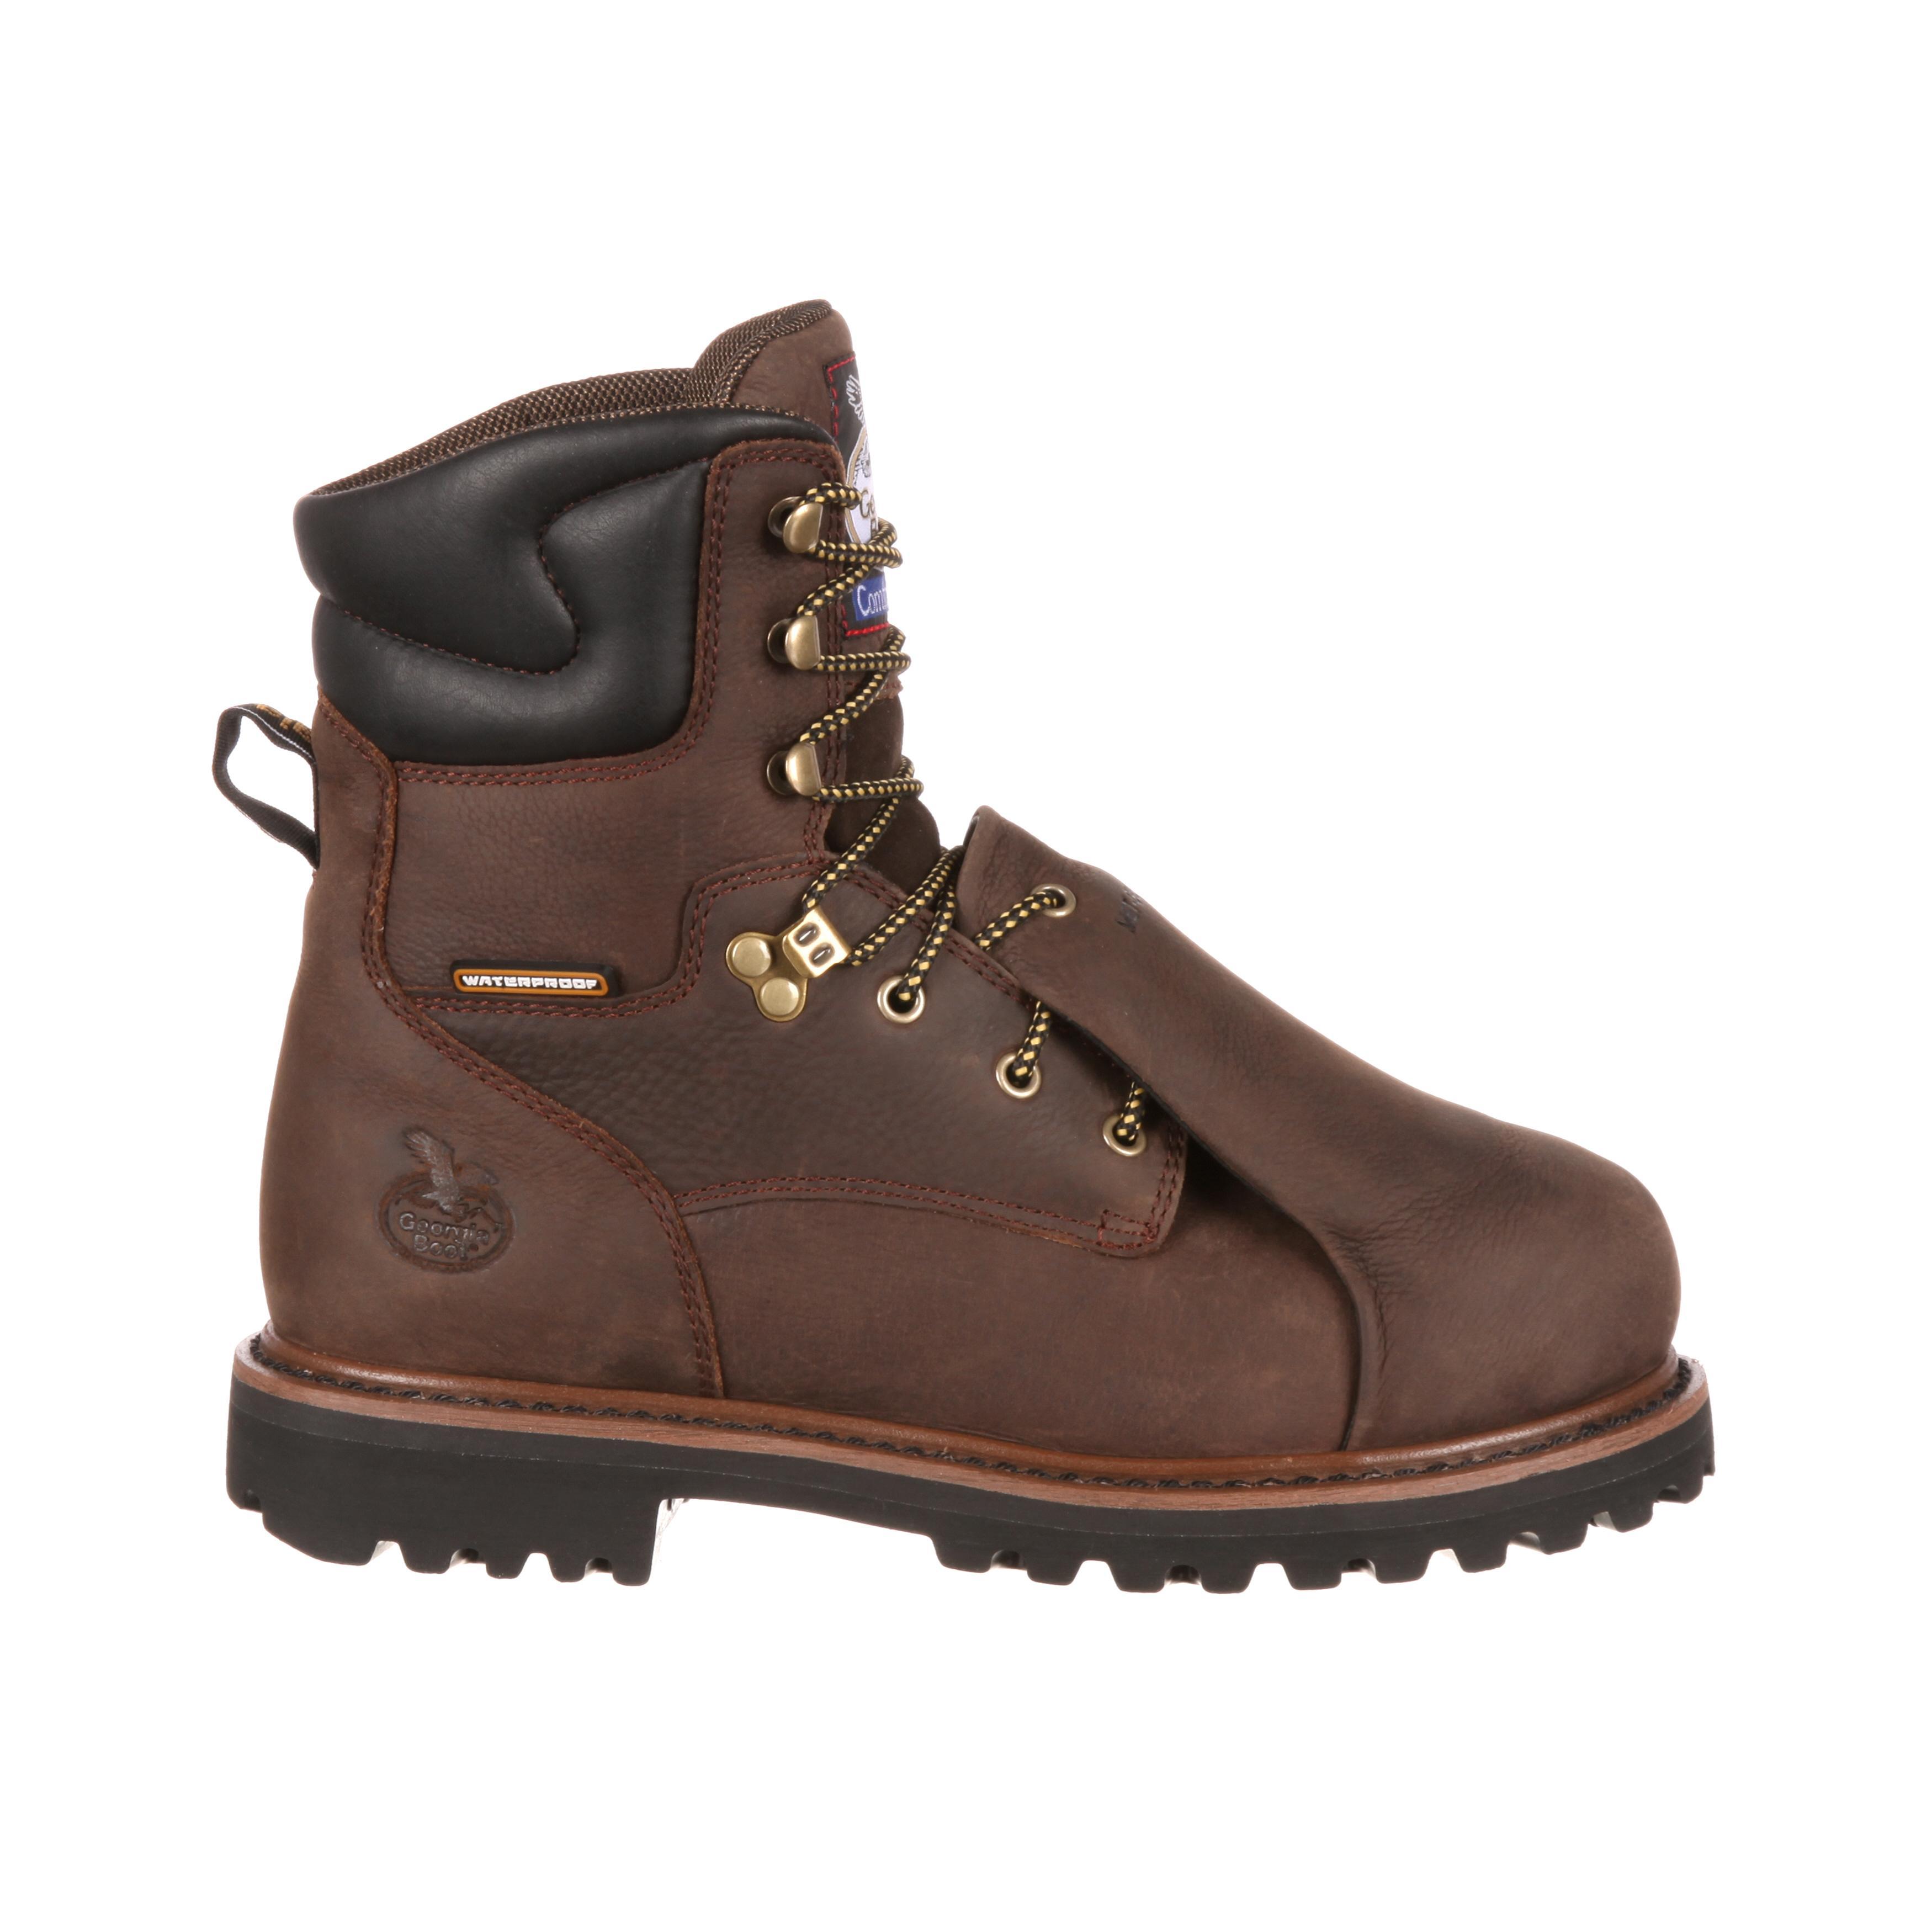 metatarsal-boots